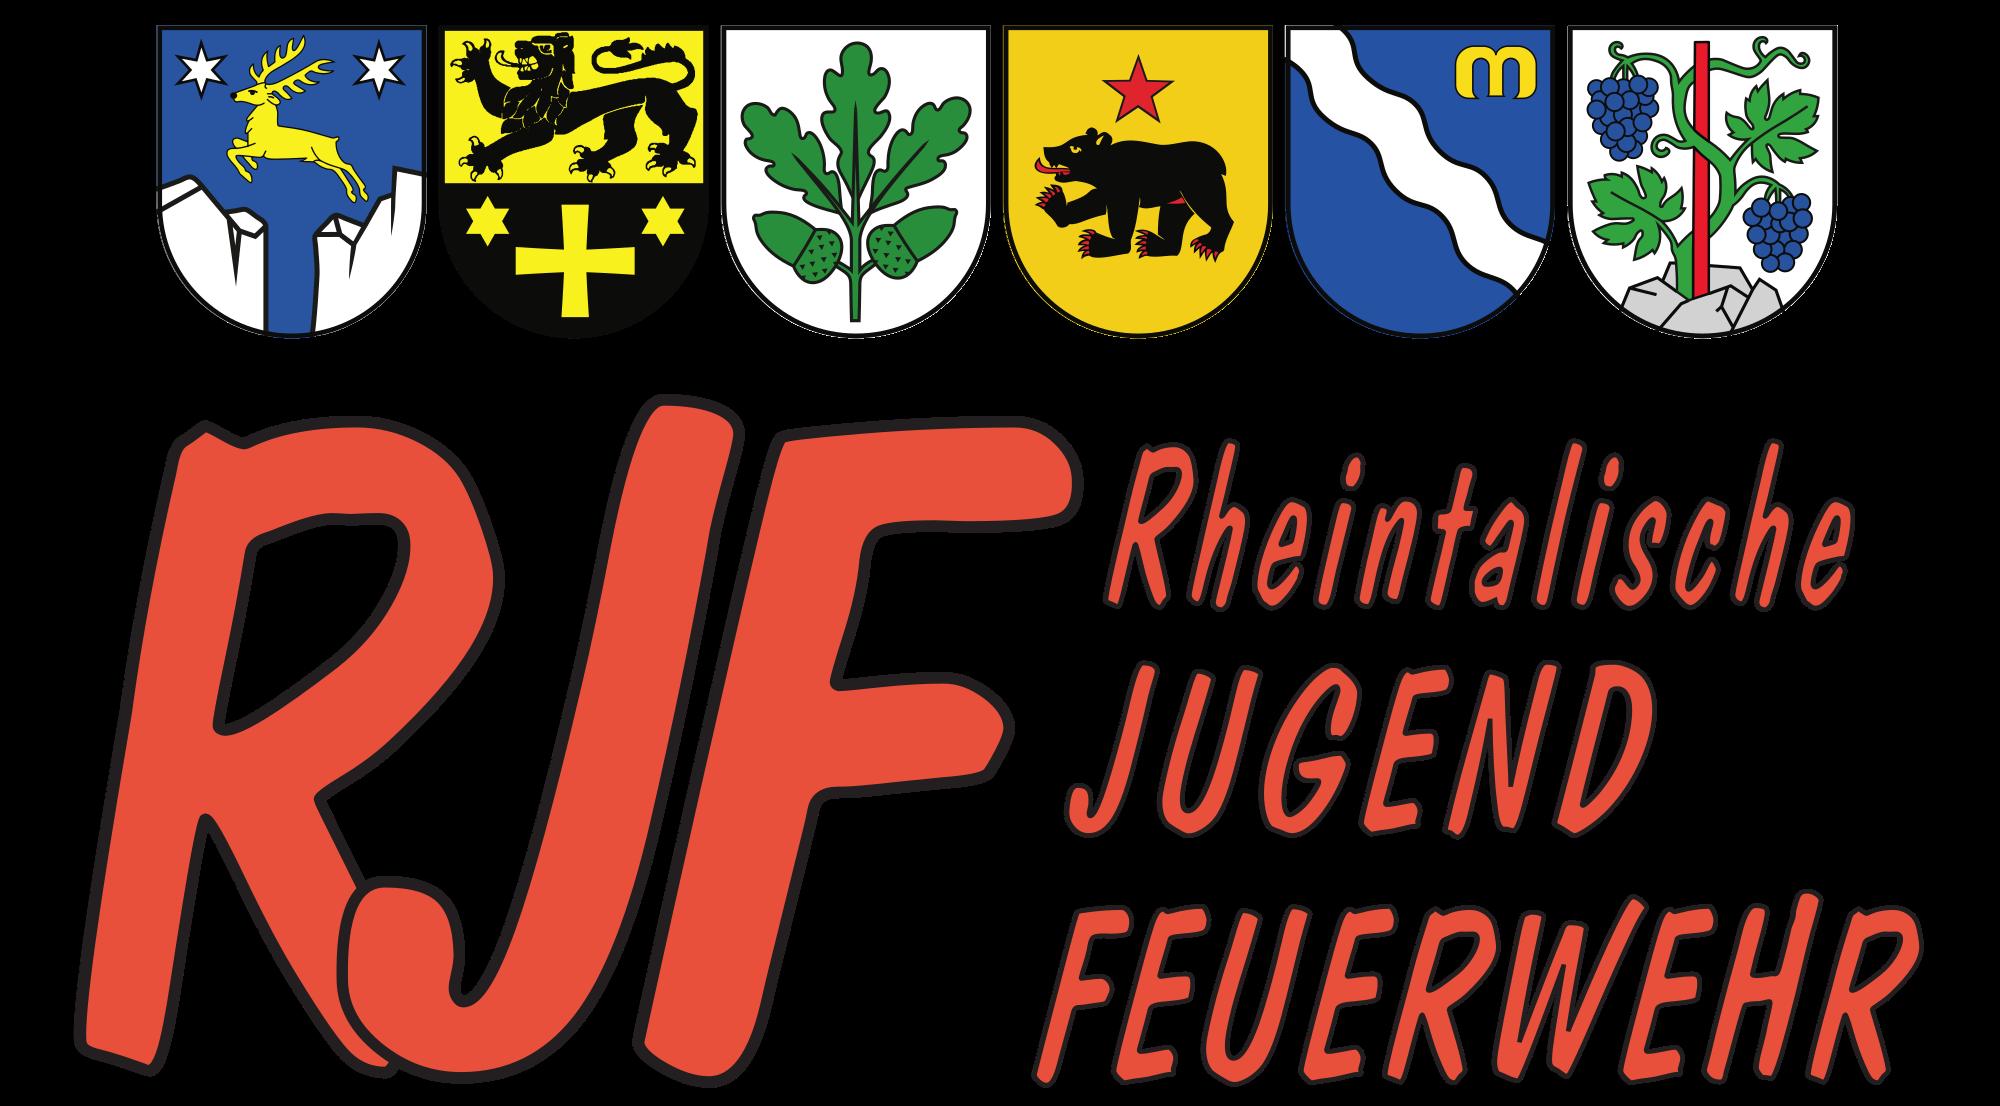 Rheintalische Jugendfeuerwehr